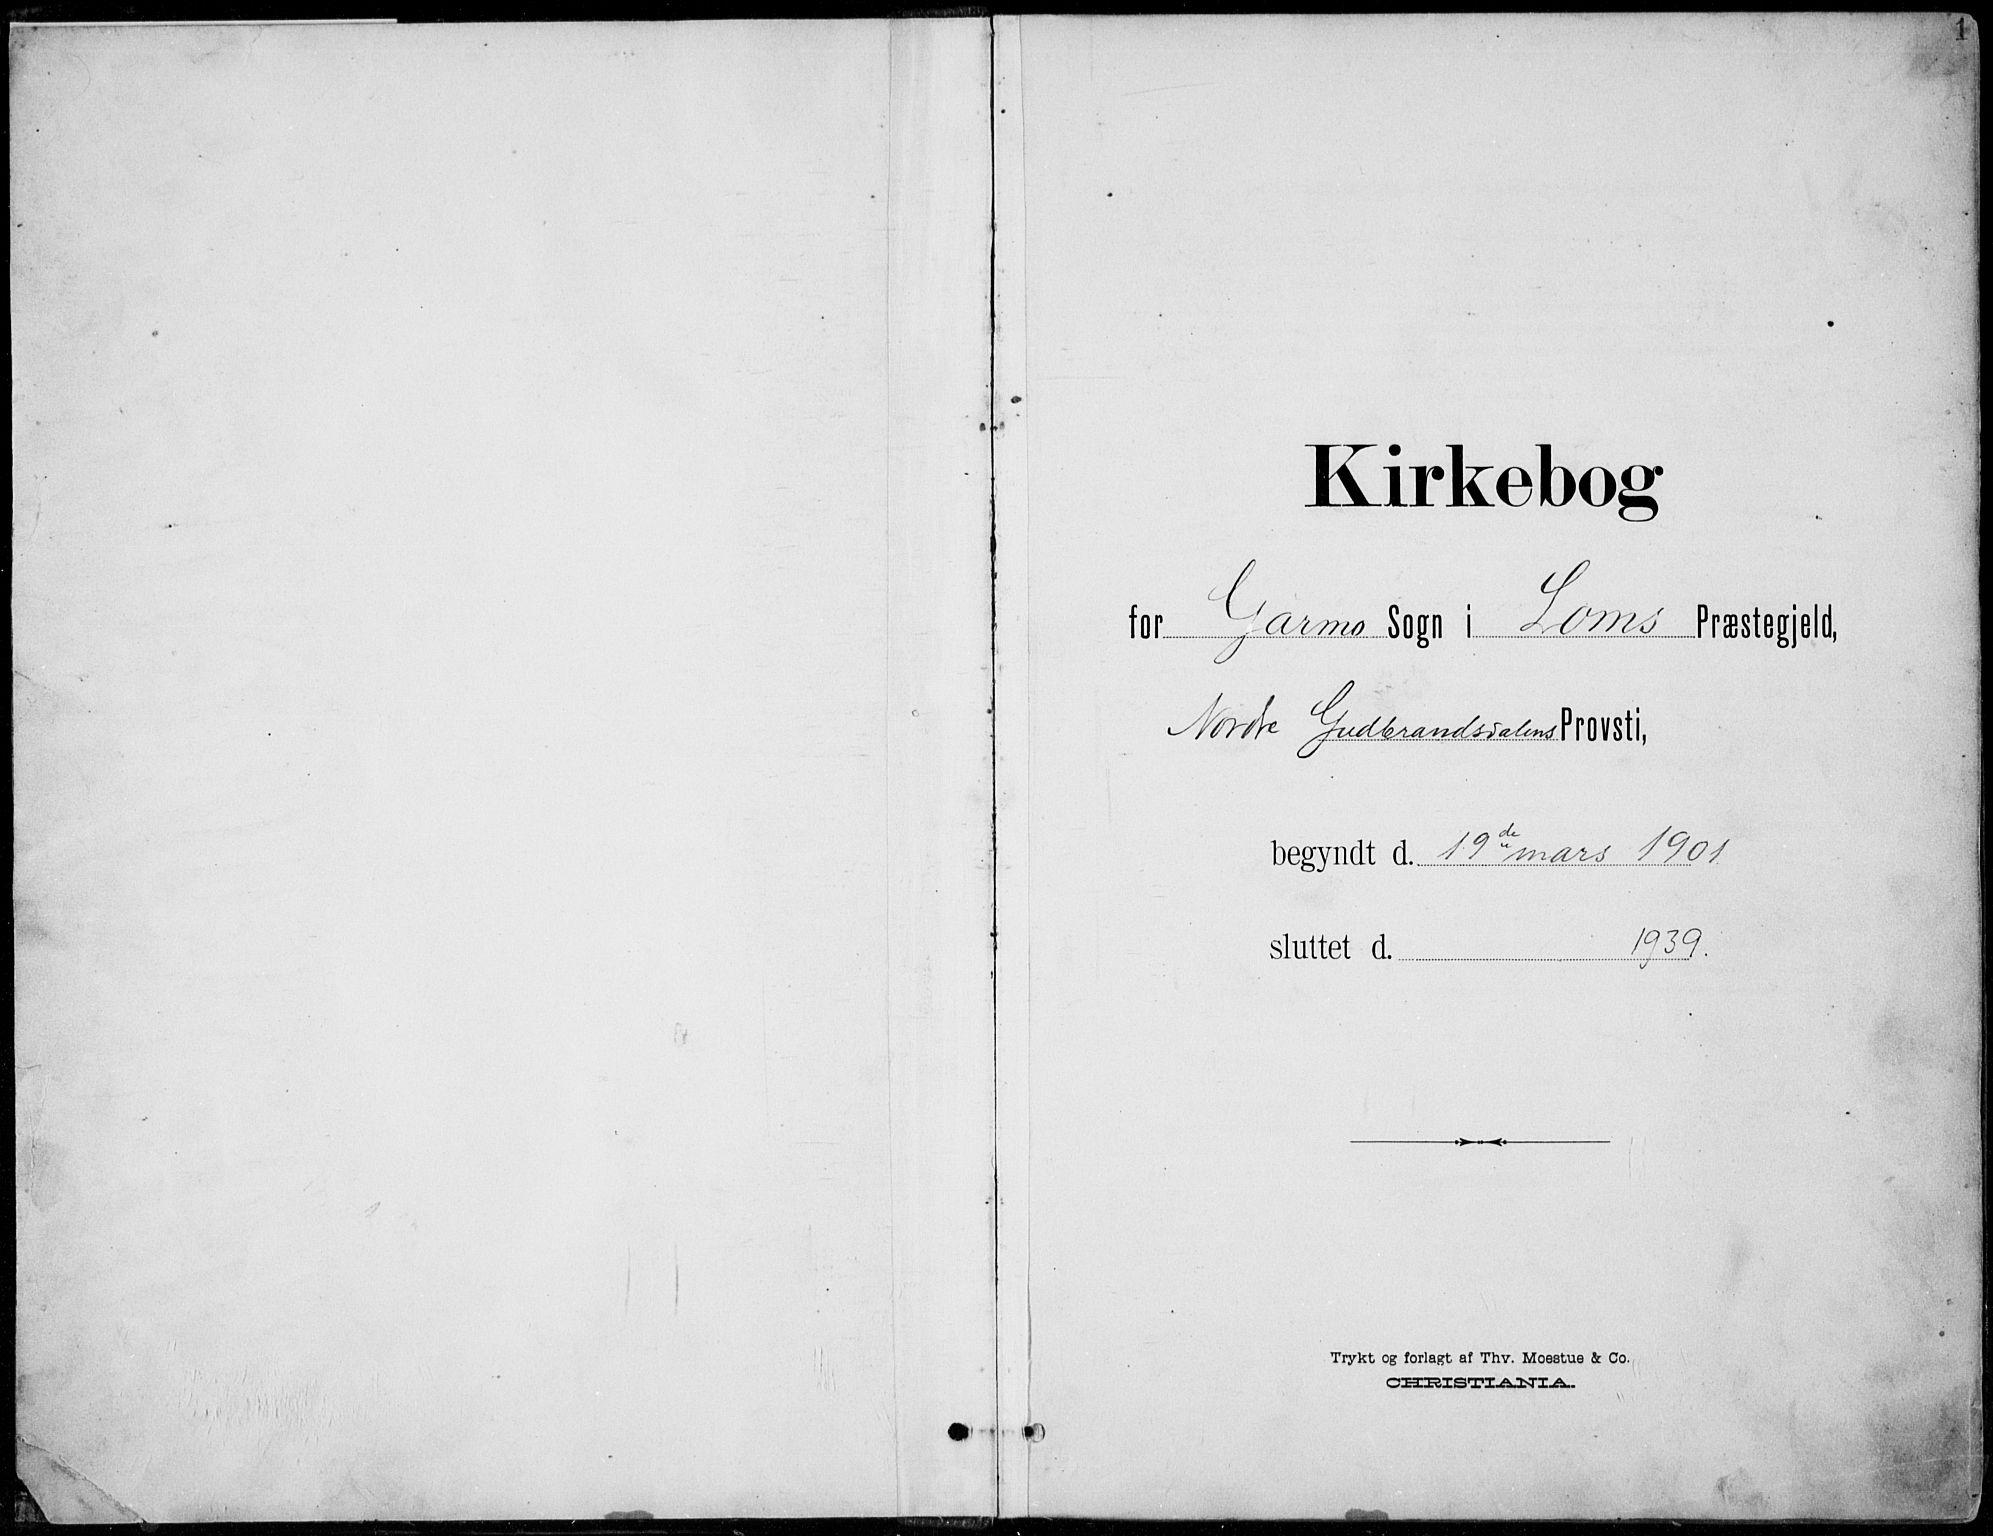 SAH, Lom prestekontor, L/L0006: Klokkerbok nr. 6, 1901-1939, s. 1